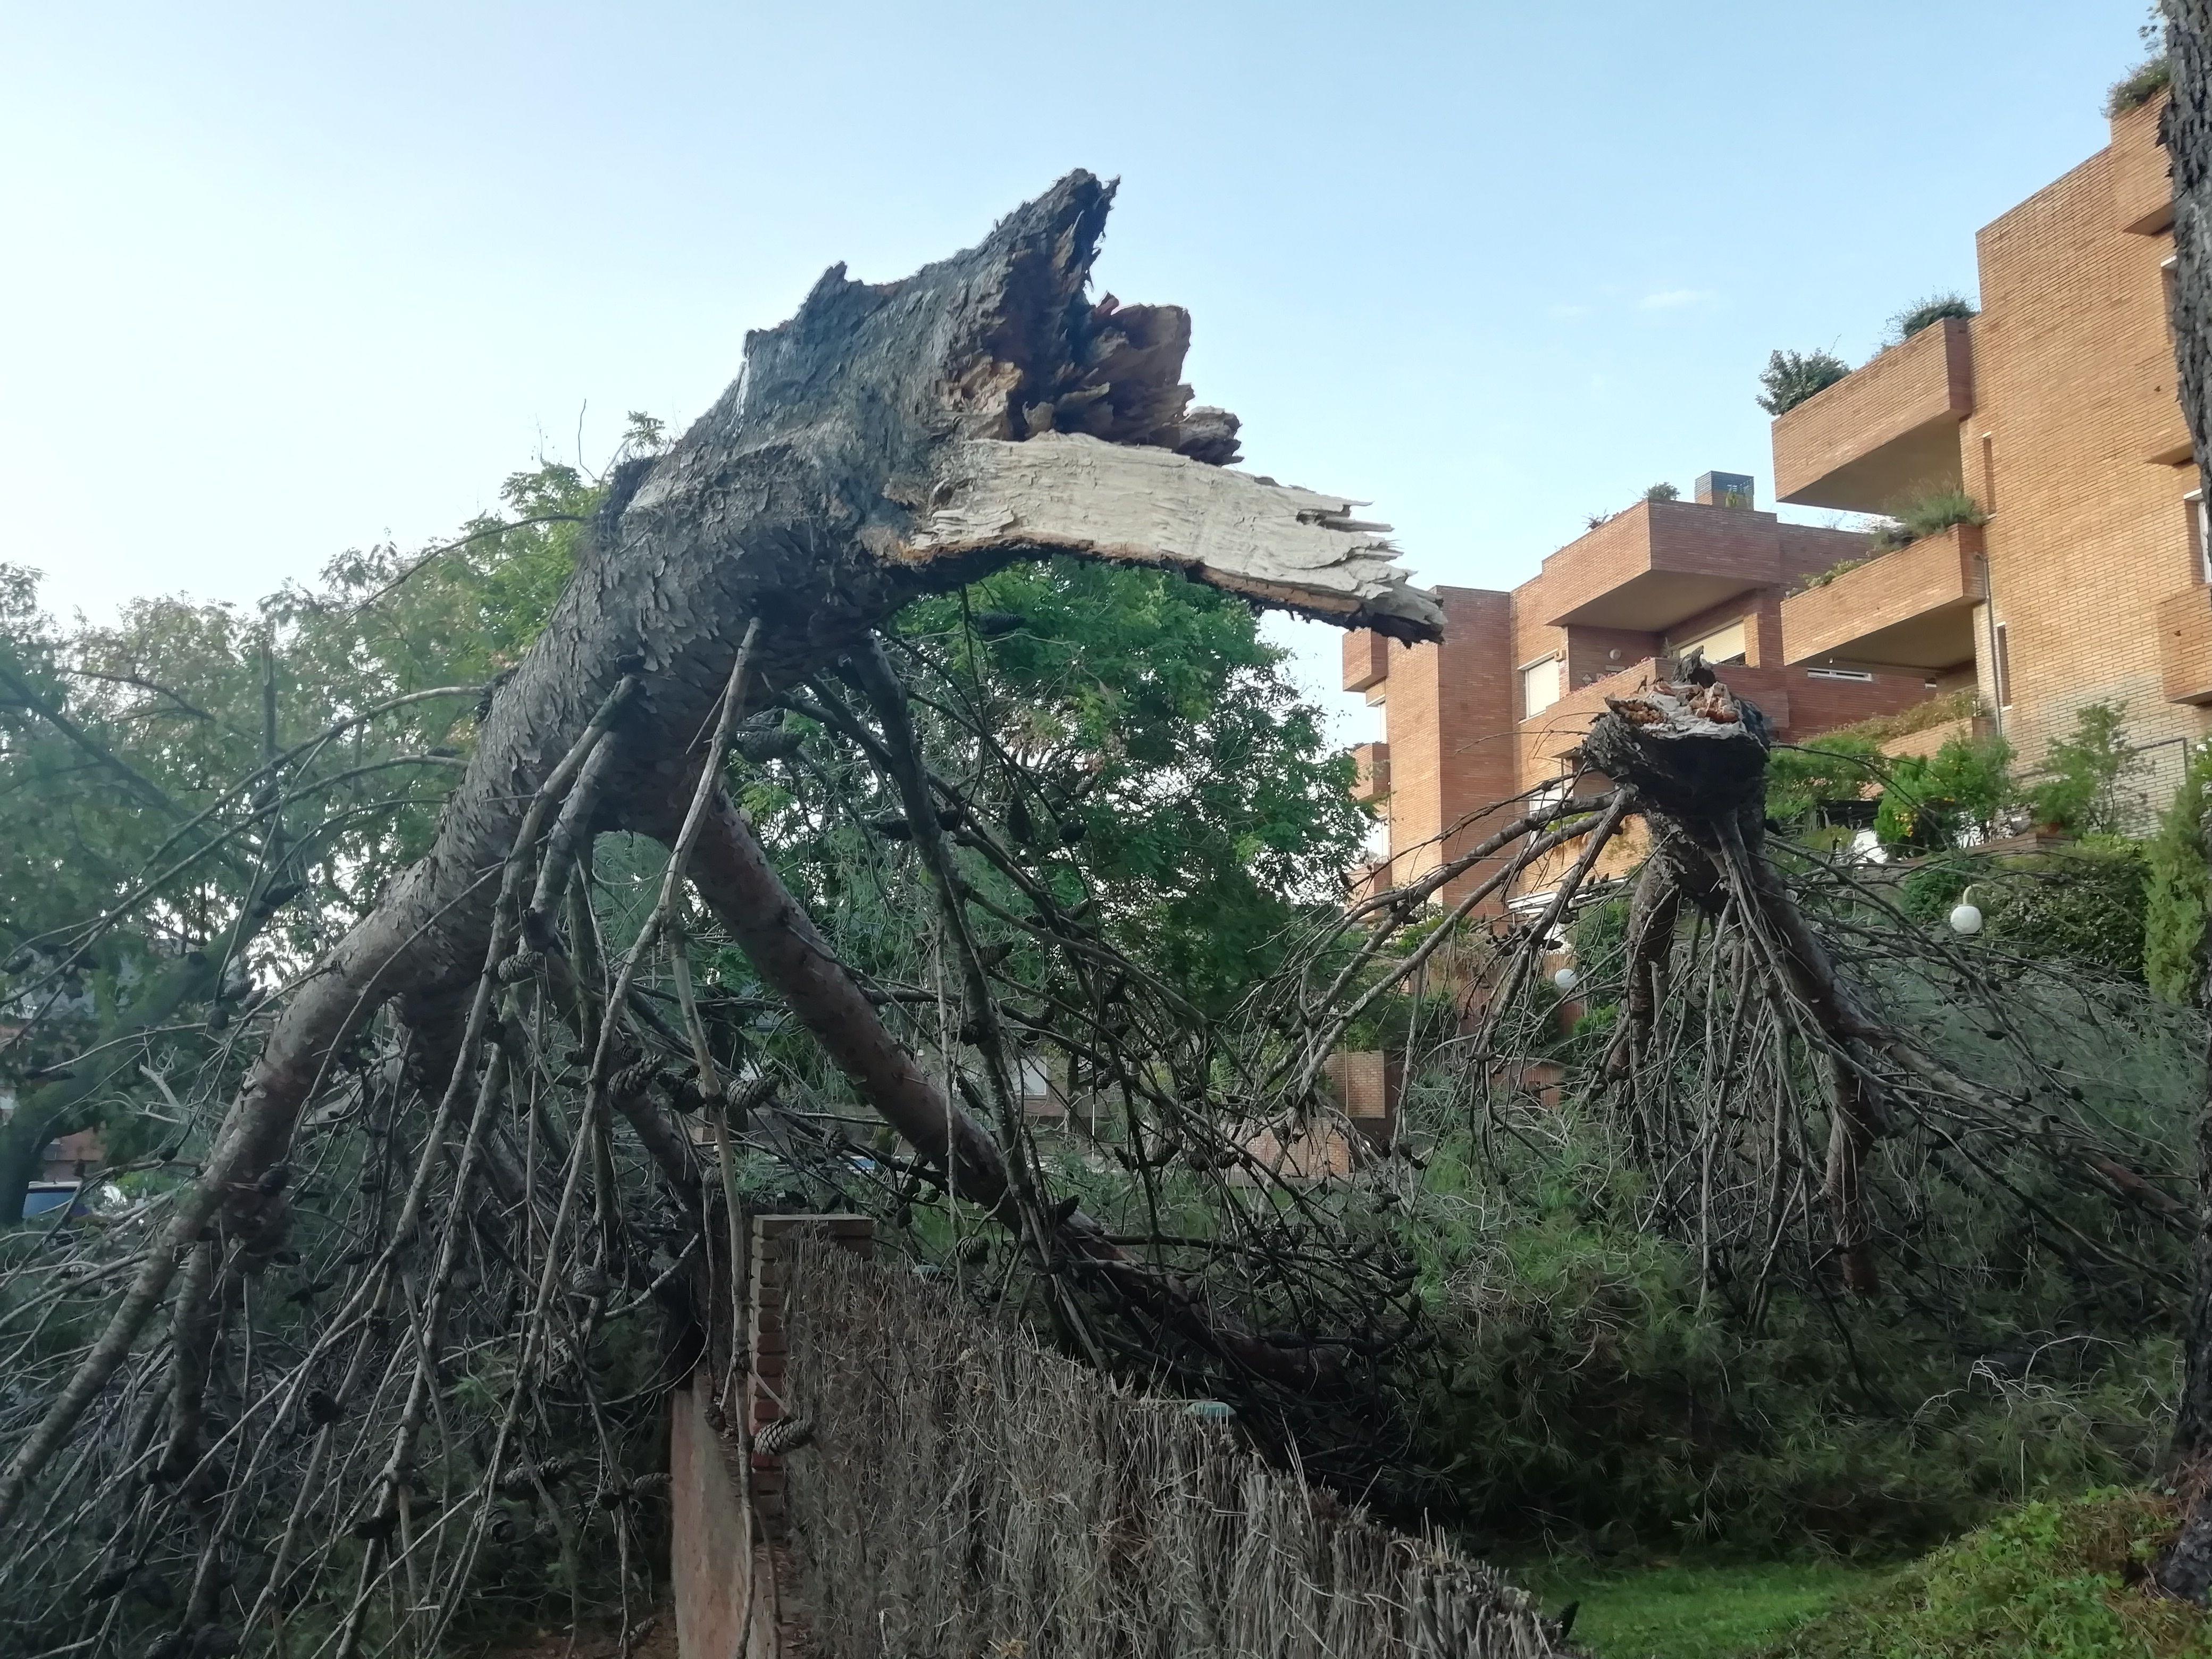 Arbres caiguts durant la tempesta a Sant Cugat. Foto: Bernat Bellla.